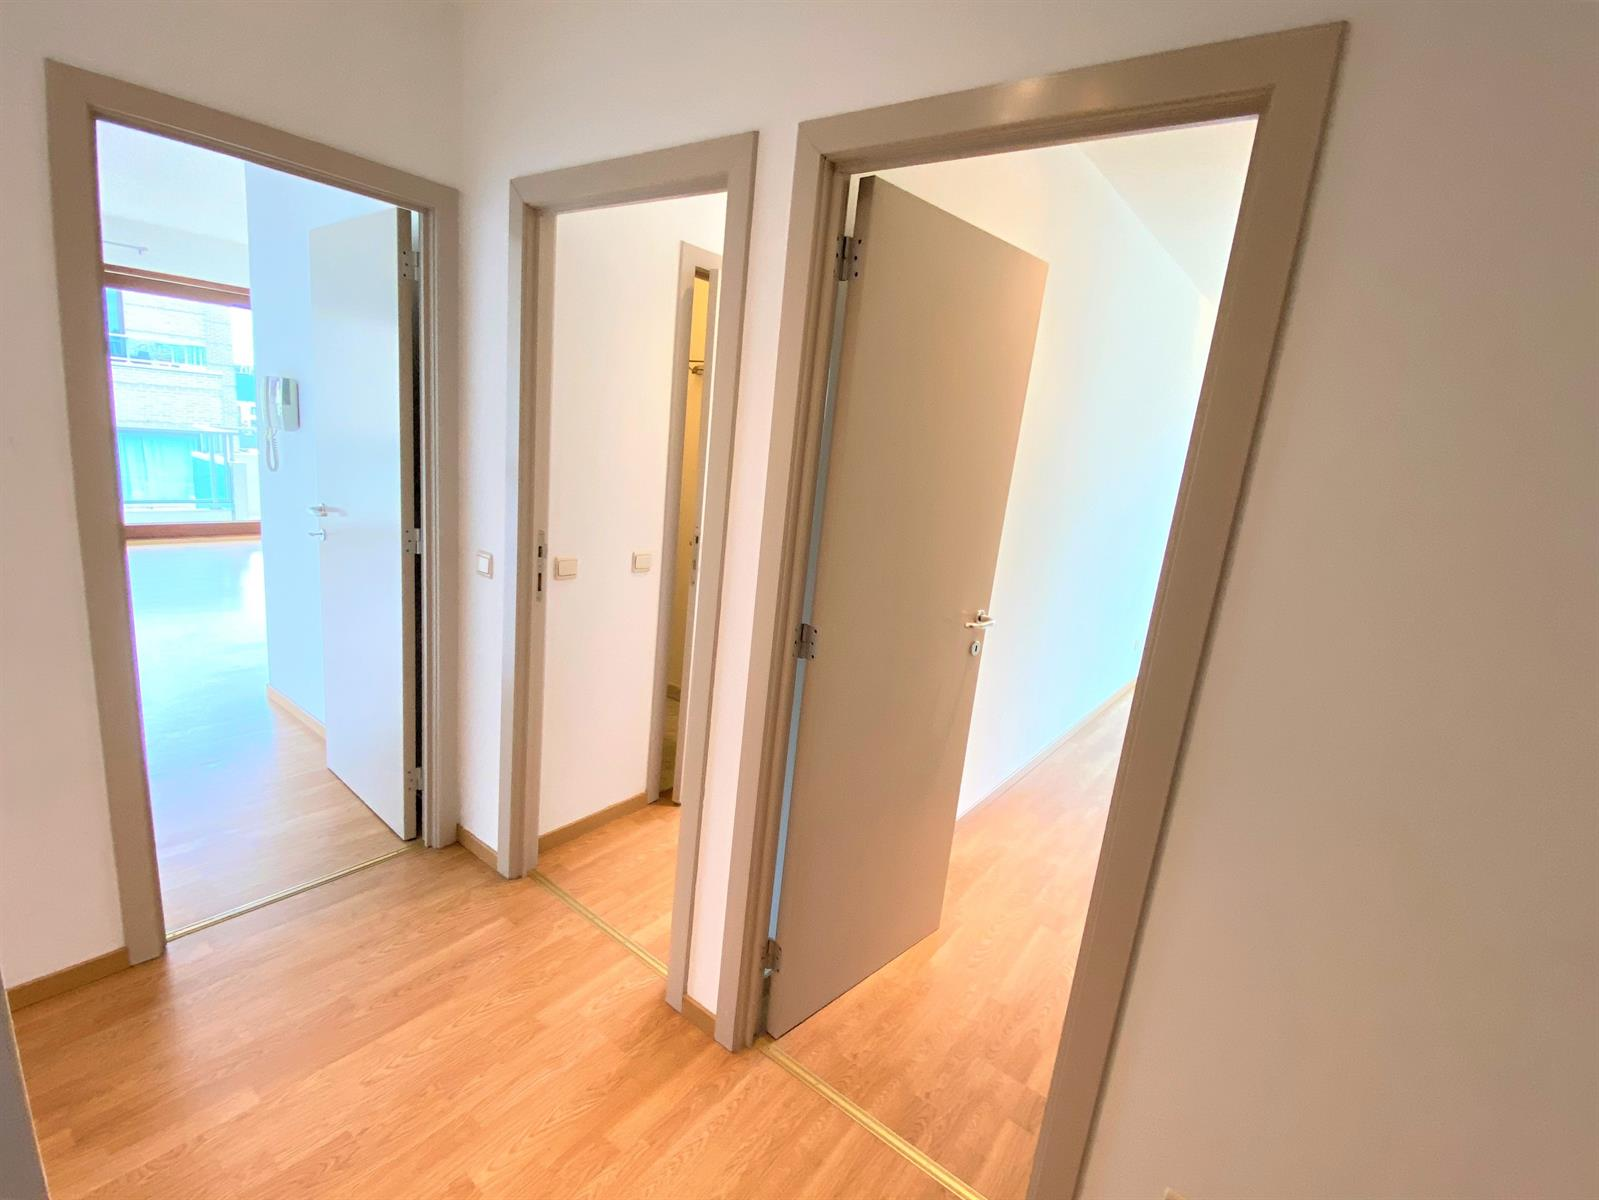 Appartement - Woluwe-Saint-Pierre - #4146297-10